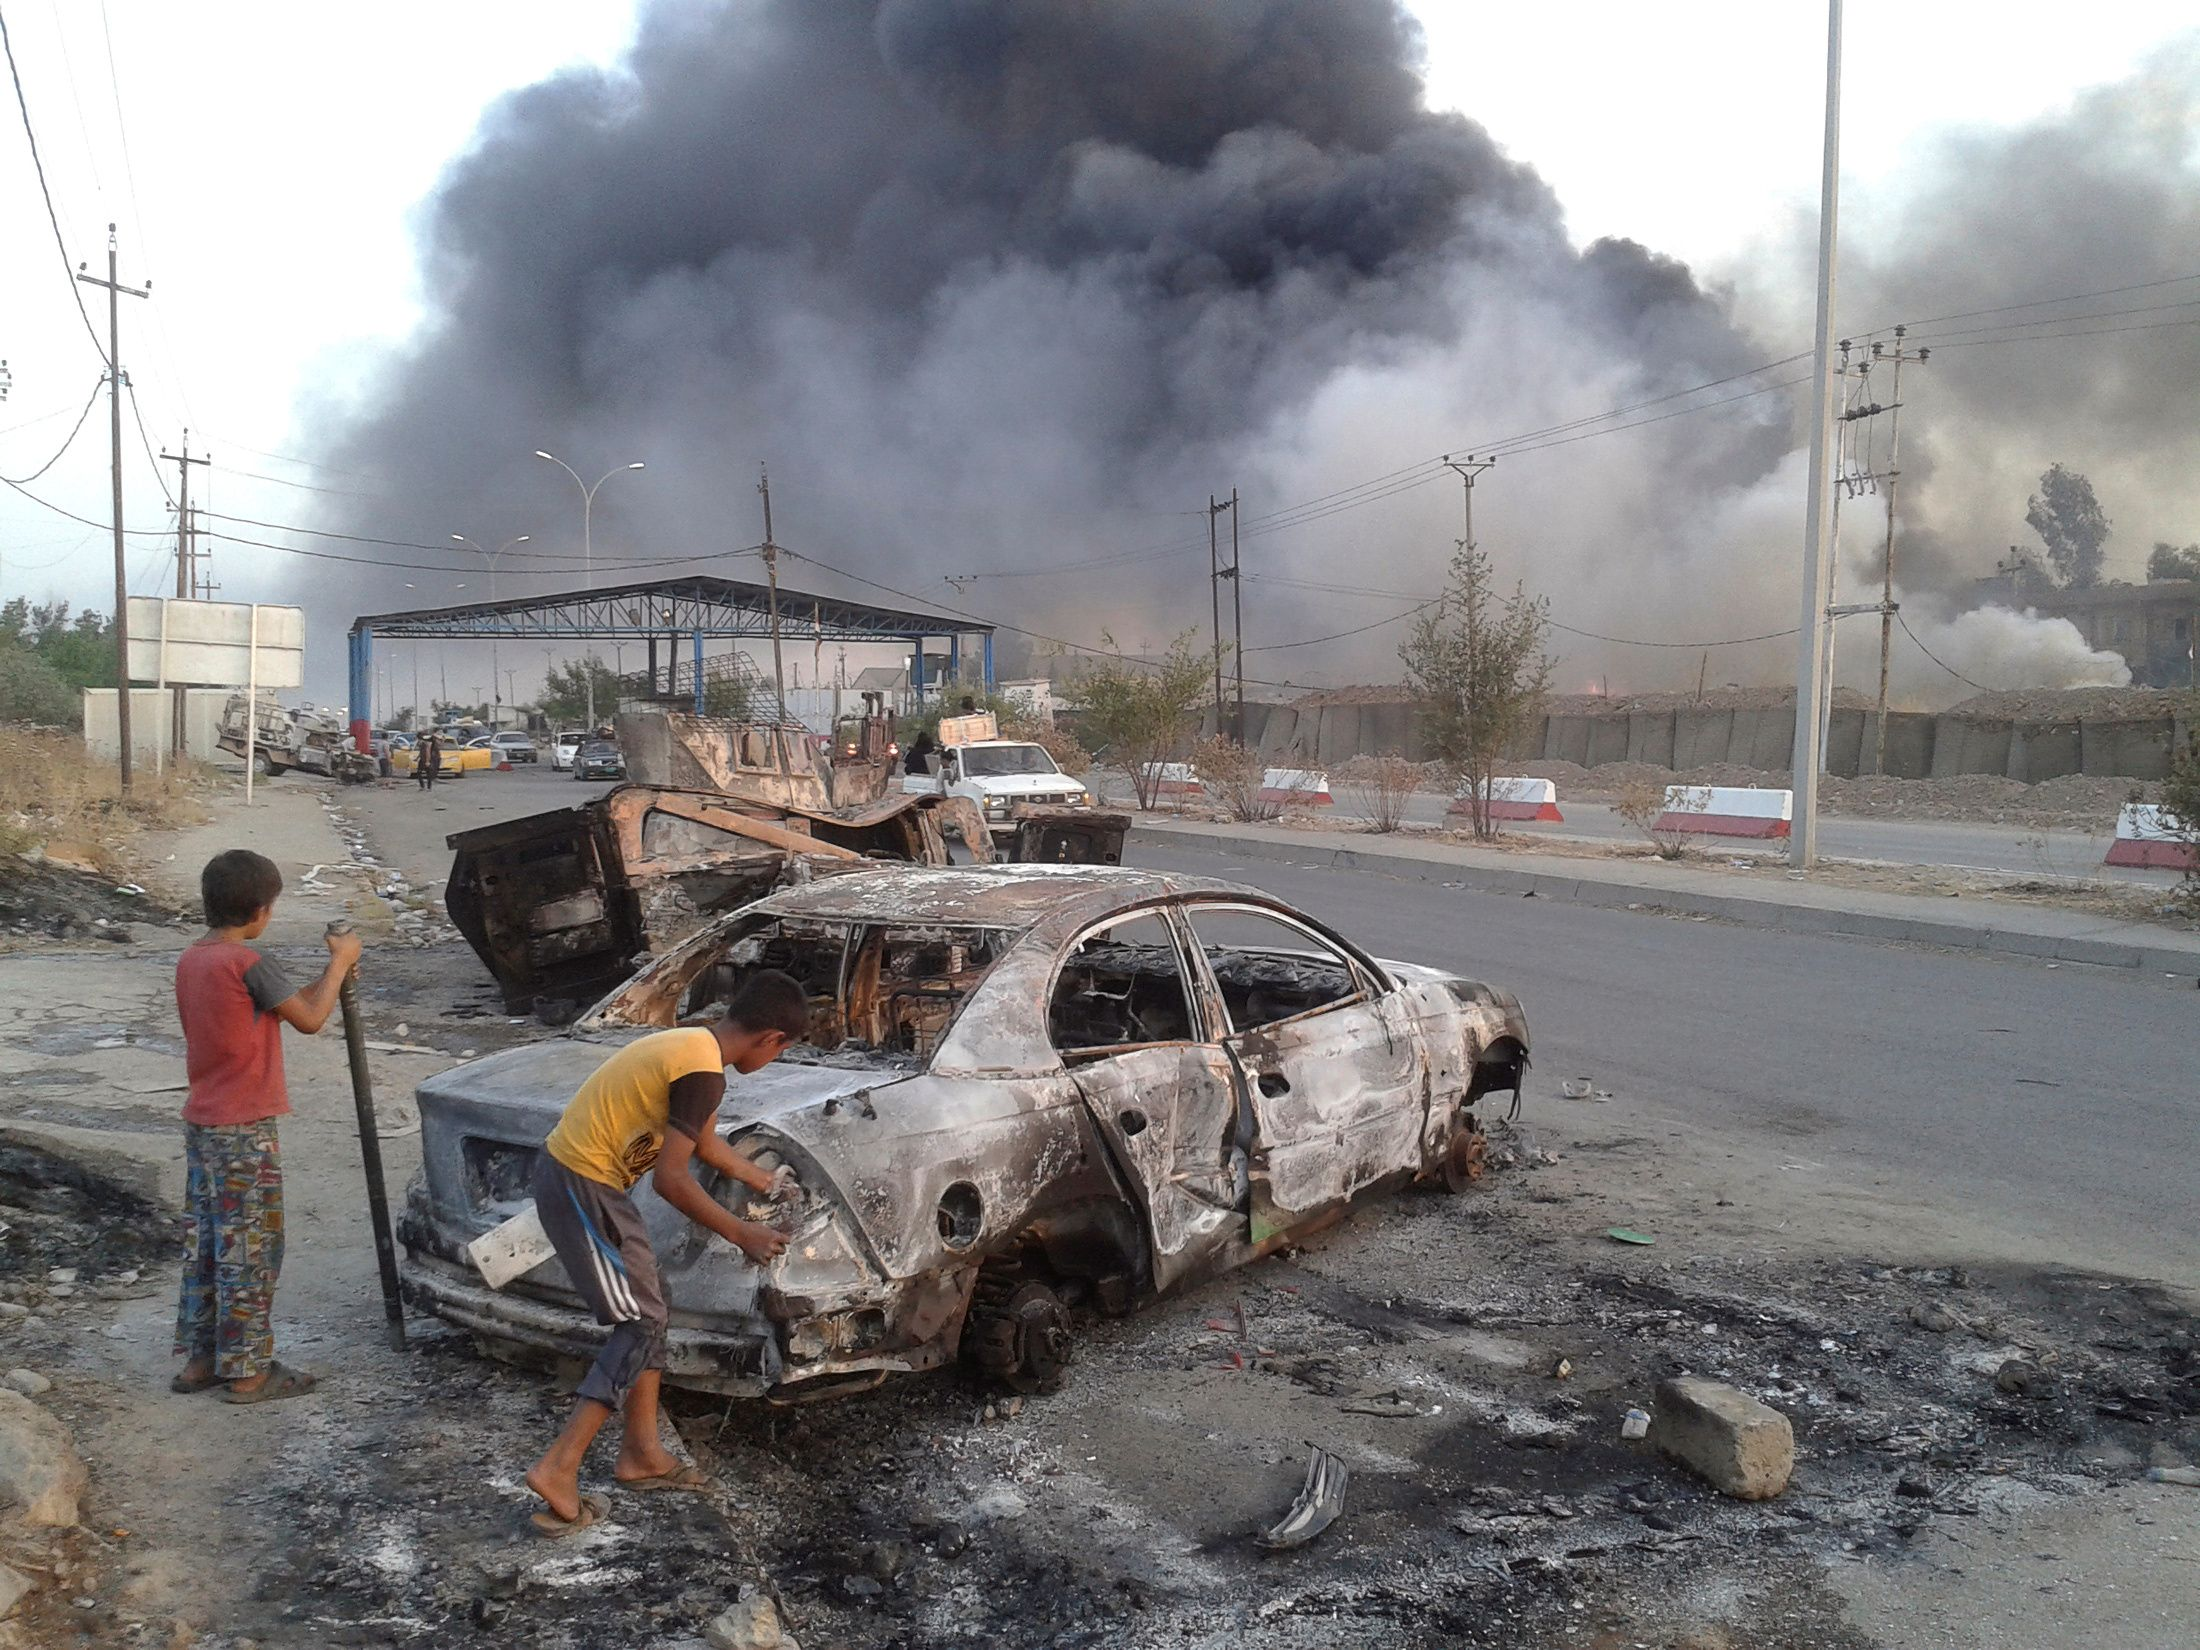 Exécutions et arrestations en série à Mossoul : quand l'Etat Islamique agit comme si la fin était proche